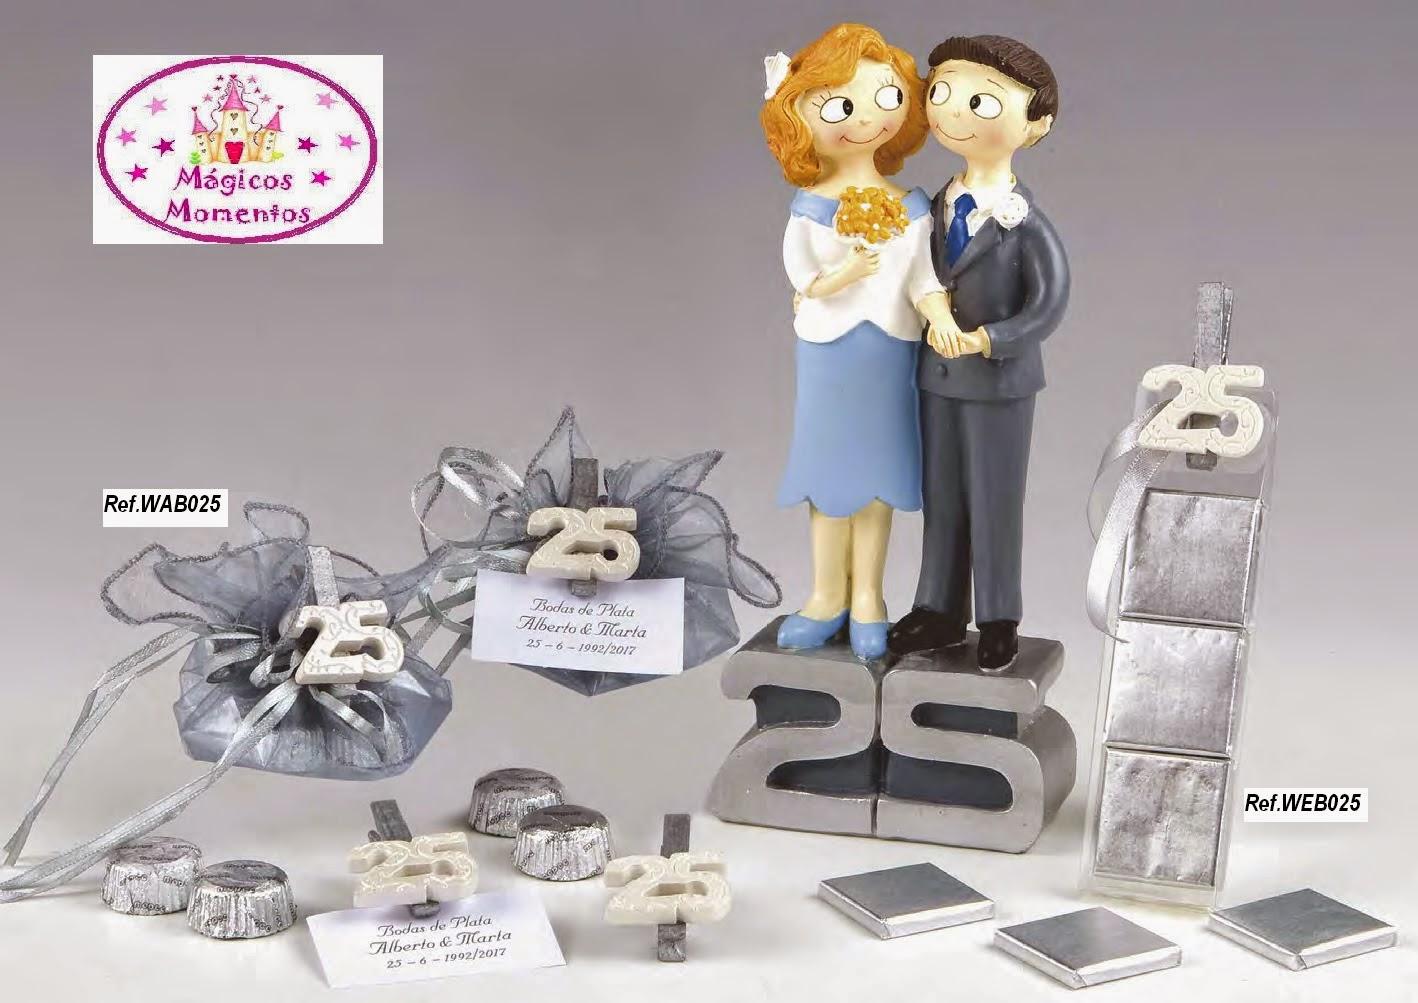 Regalos magicos momentos bodas de oro 50 aniversario for Detalles para aniversario